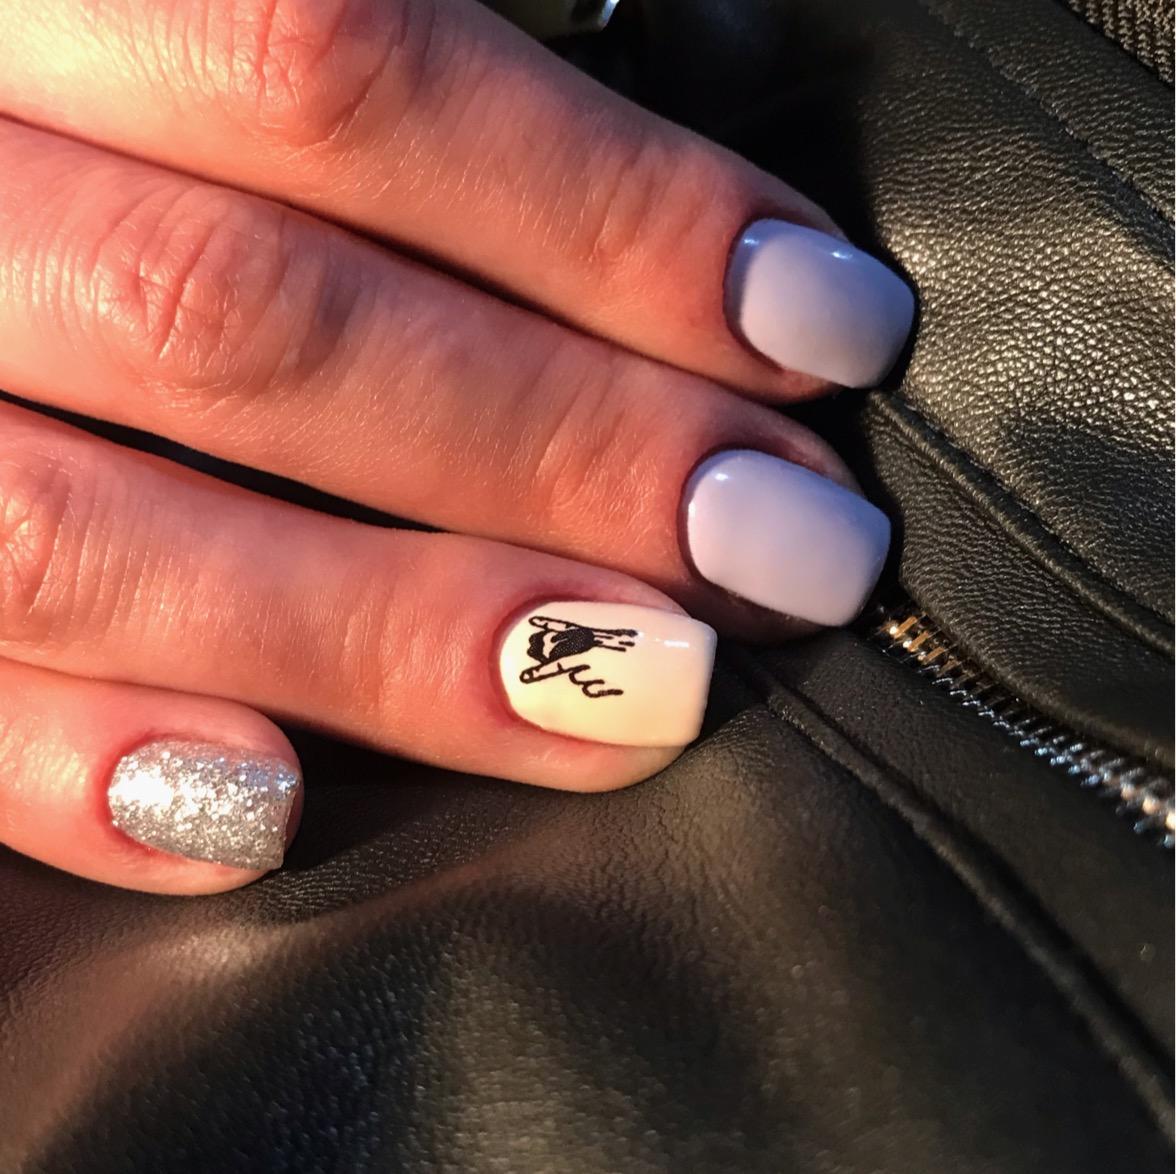 Маникюр со слайдером и серебряными блестками в сиреневом цвете на короткие ногти.